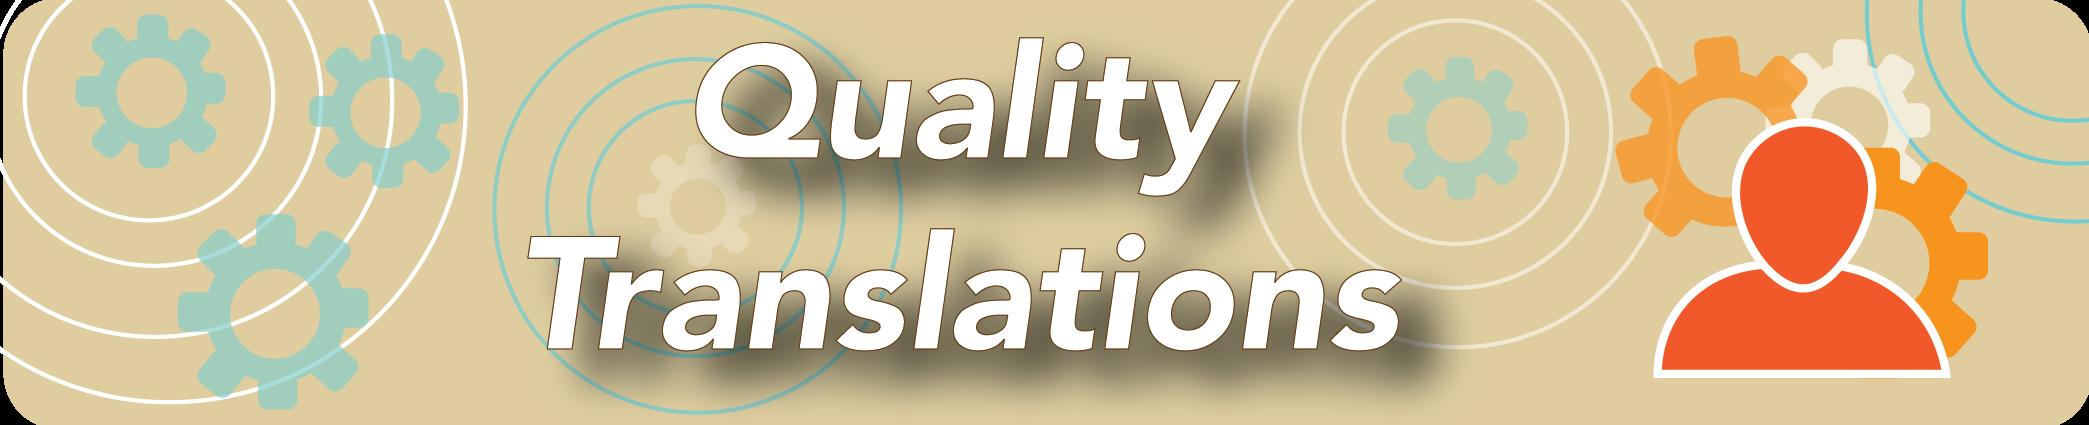 Quality Translations